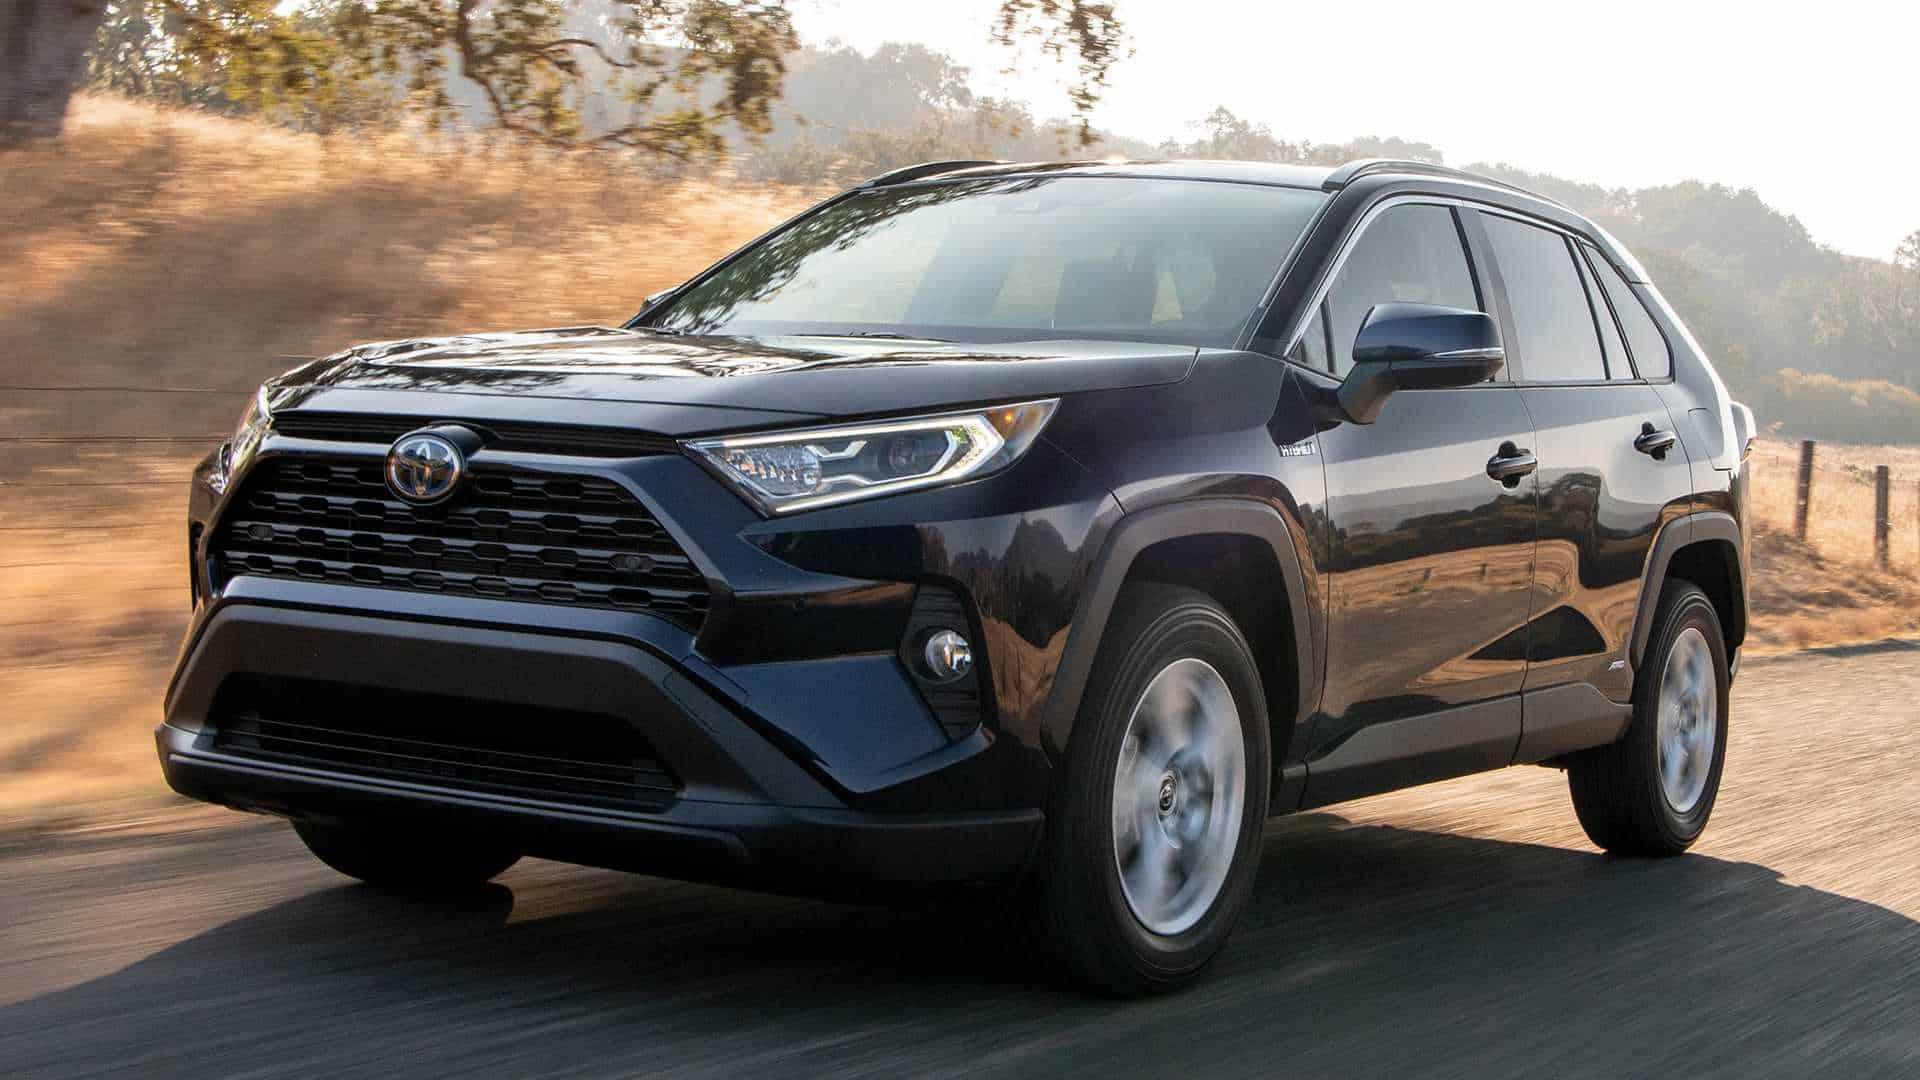 Funfte Generation Des Toyota Rav4 Am Start Emobilitat Der Blog